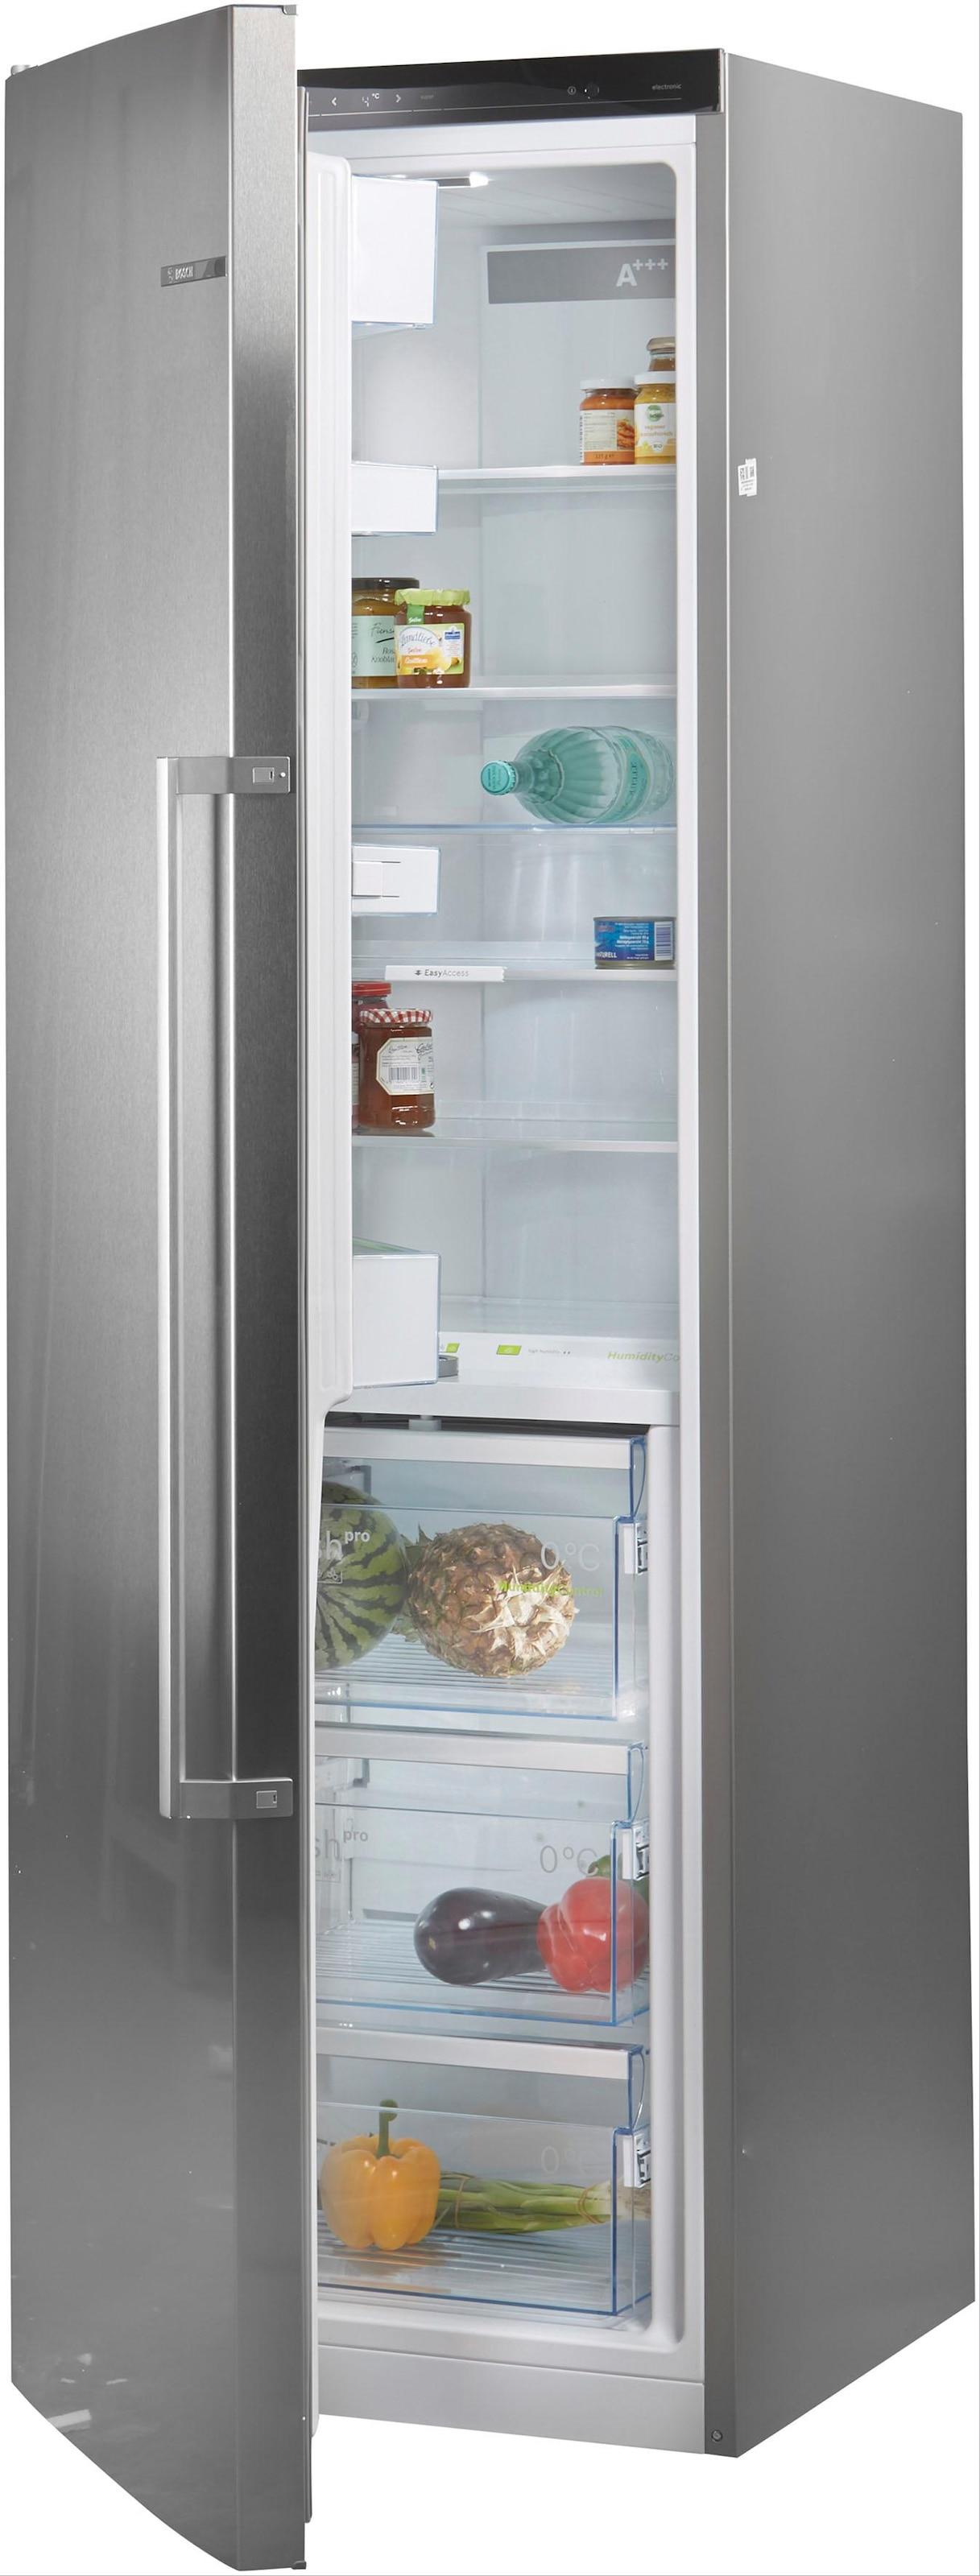 Bosch Kühlschrank Urlaubsschaltung : Bosch kühlschränke online shop bosch kühlschränke online kaufen